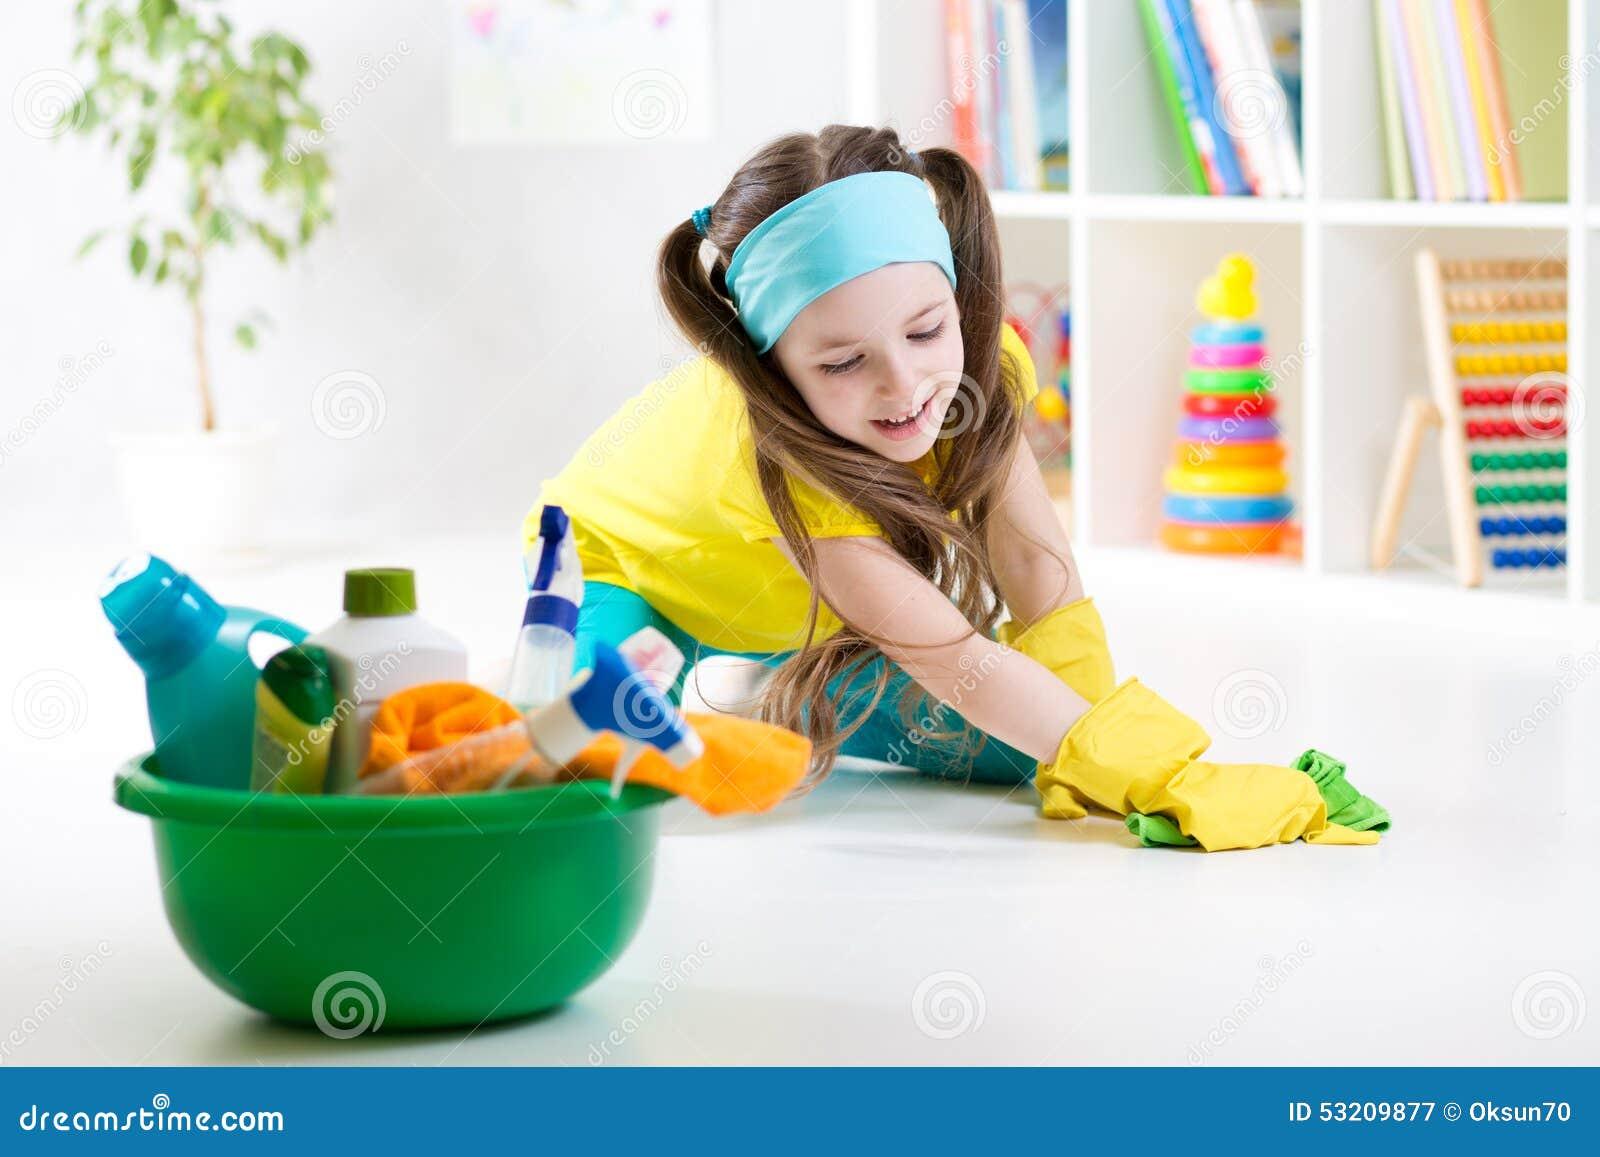 La ni a linda limpia un piso foto de archivo imagen - Robot que limpia el piso ...